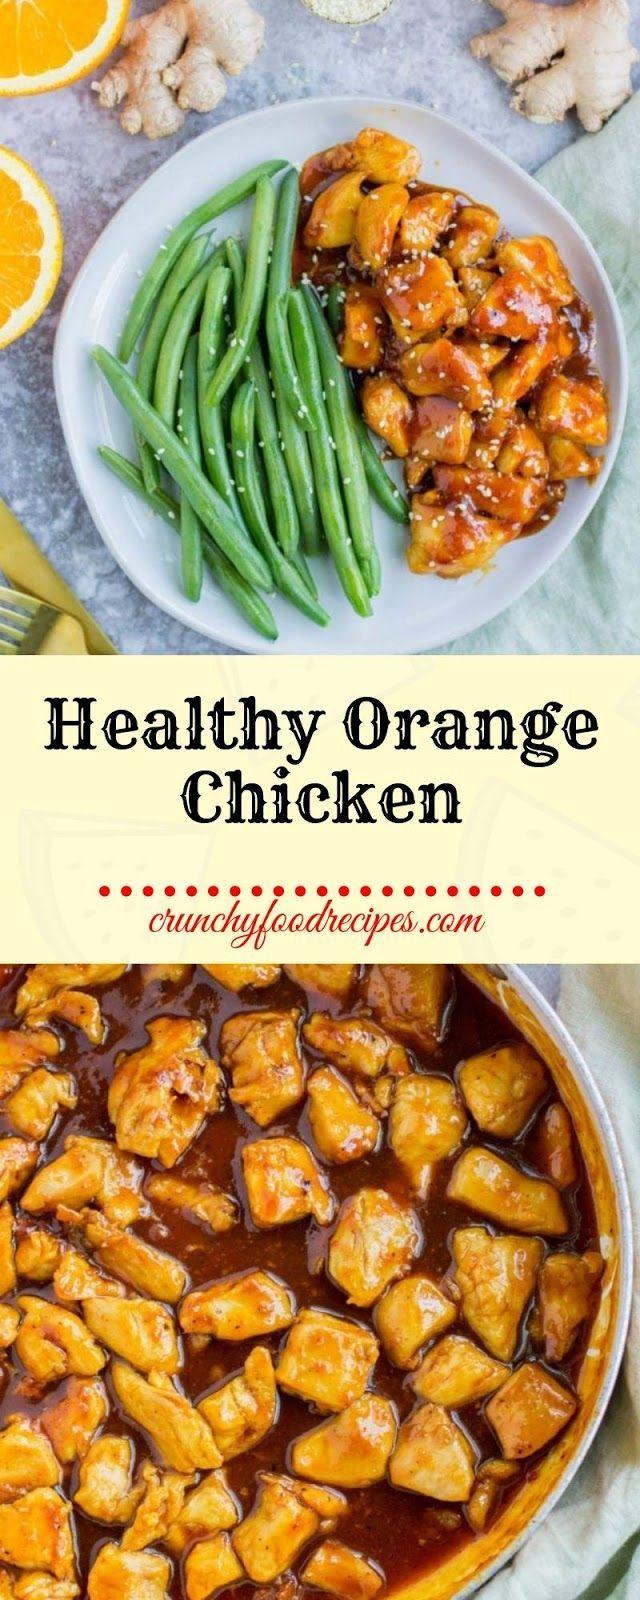 Healthy Orange Chicken images